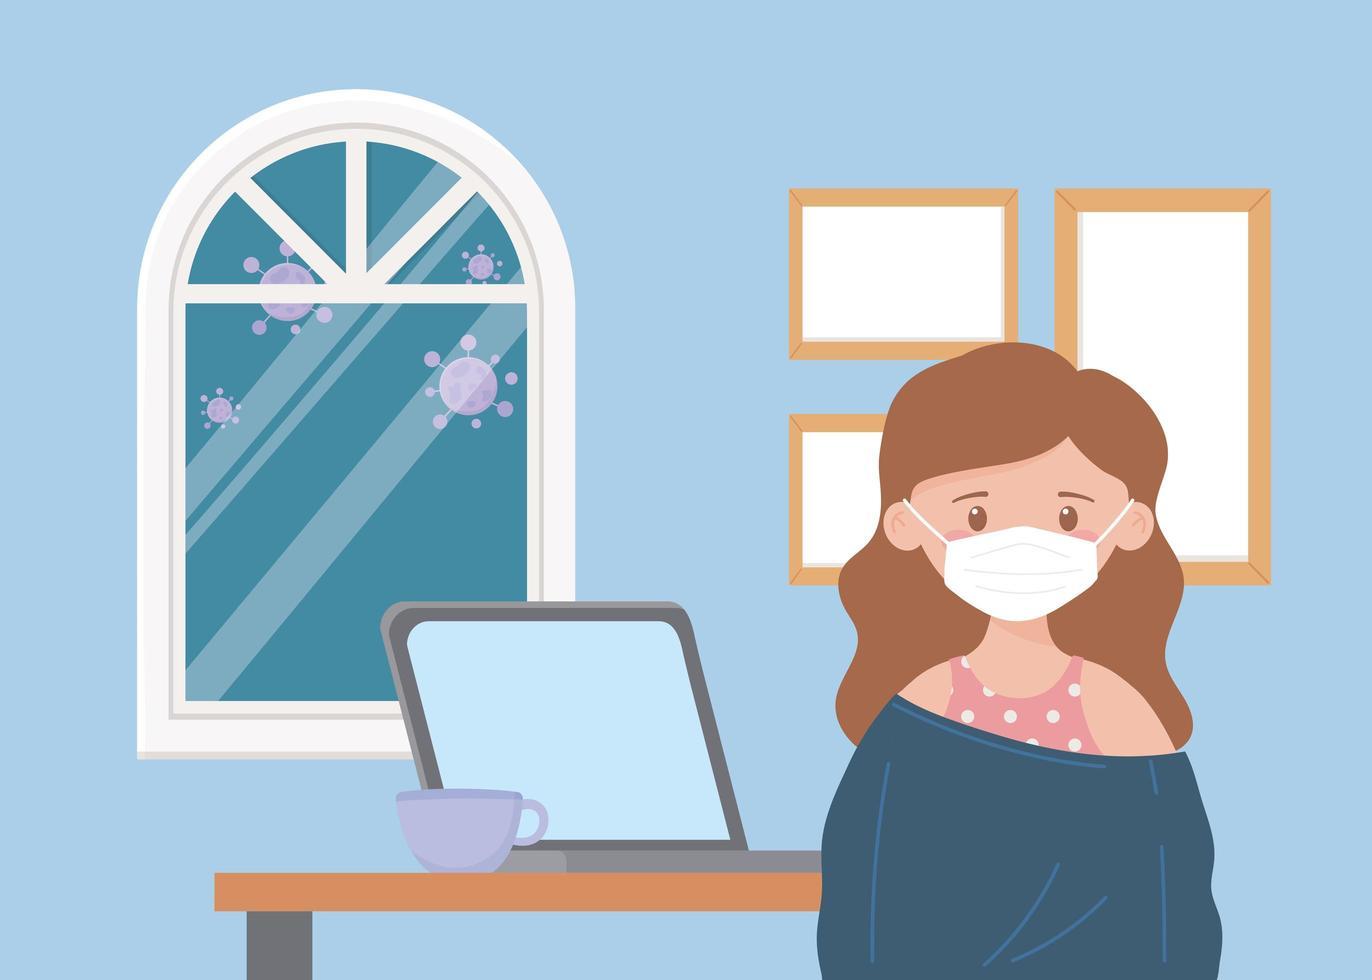 Mädchen auf dem Laptop drinnen während der Coronavirus-Pandemie vektor